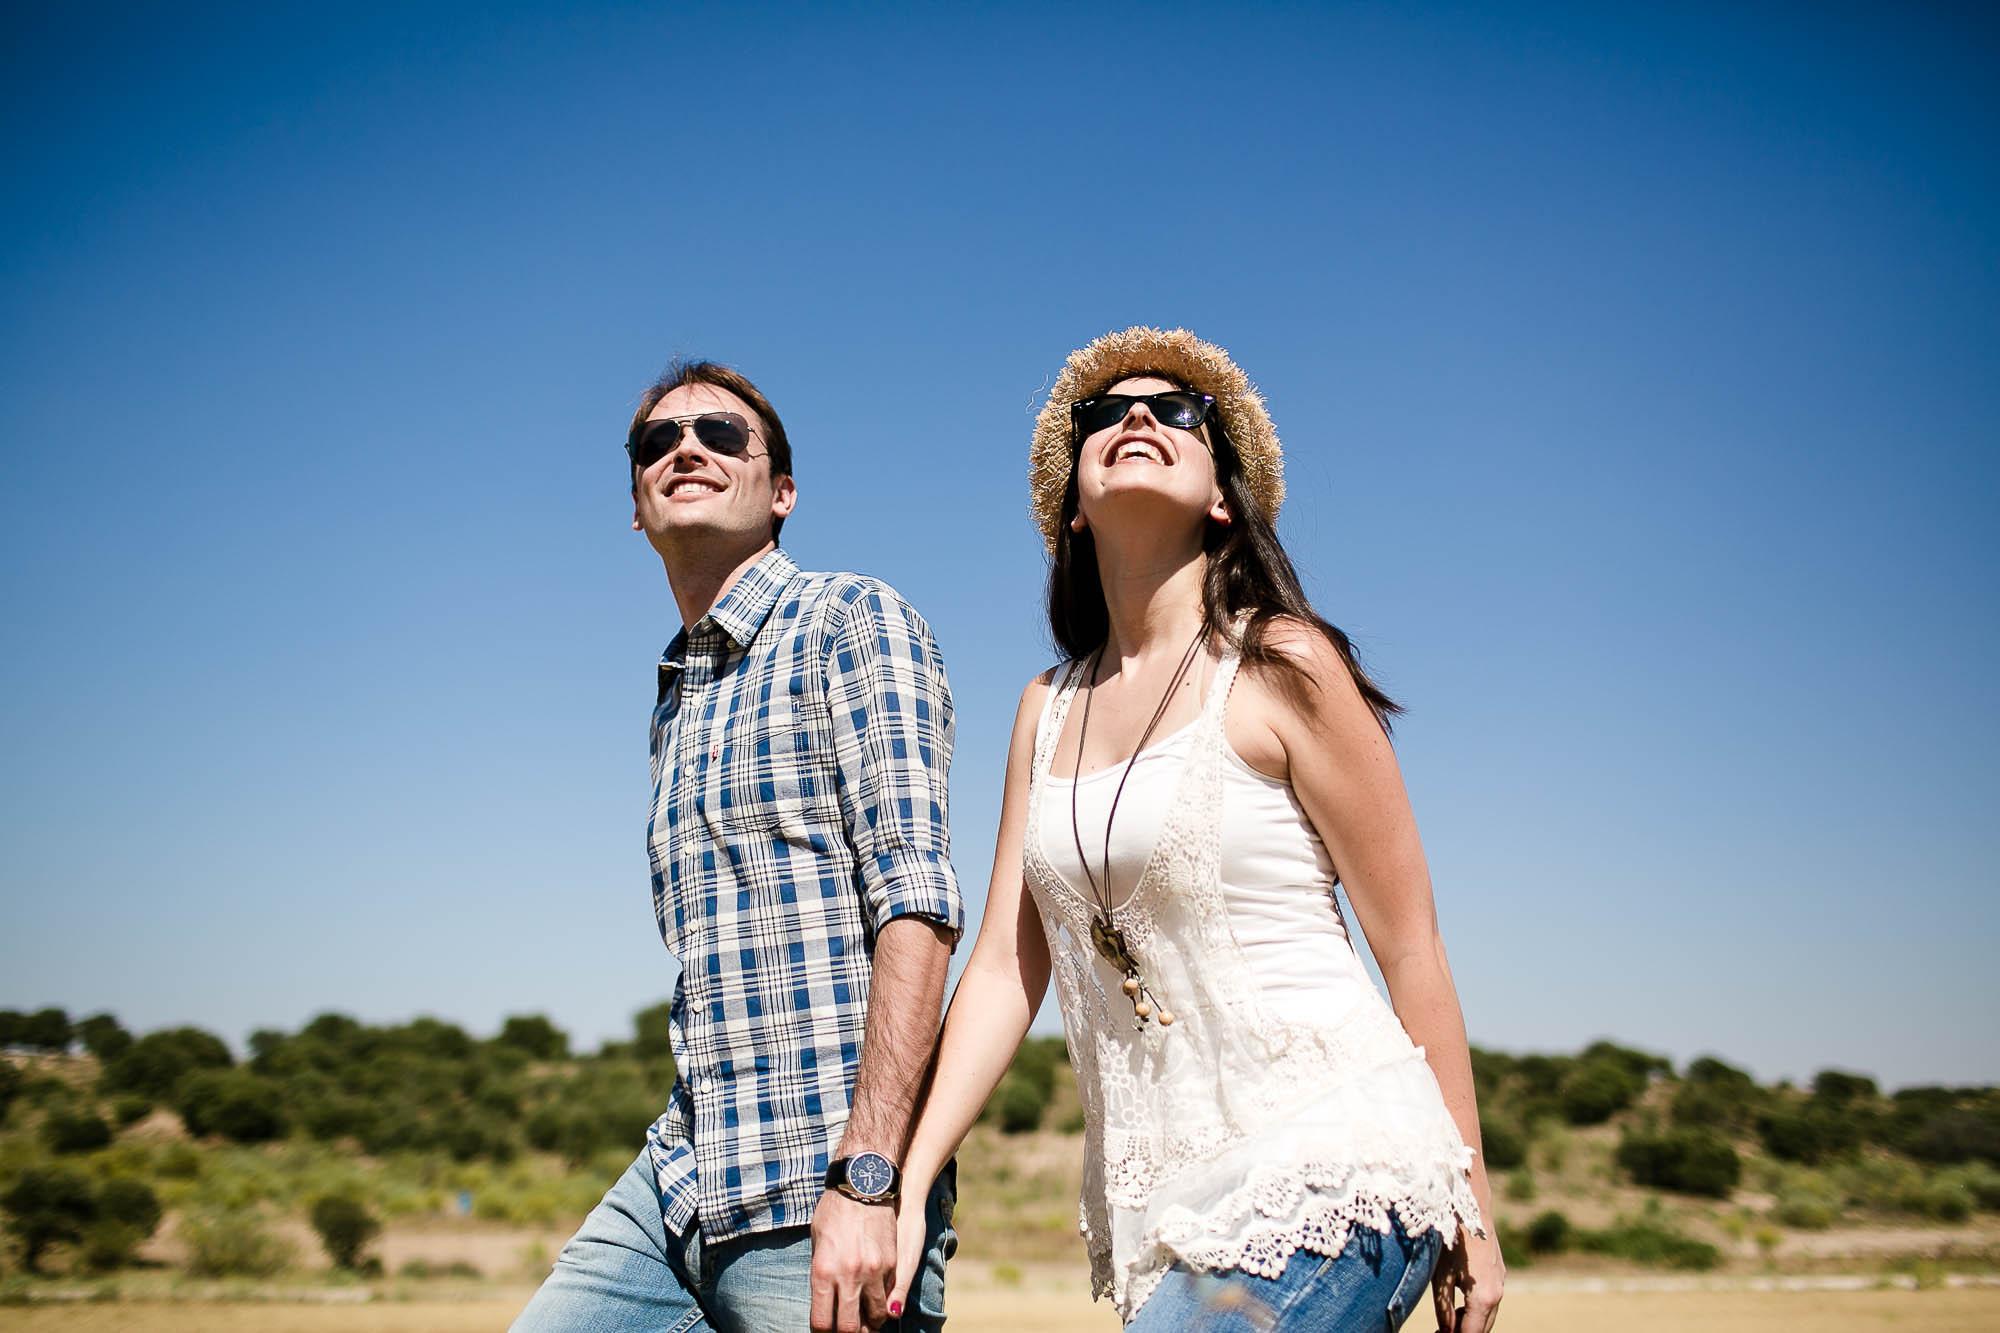 La pareja pasea en un día soleado cogidos de la mano